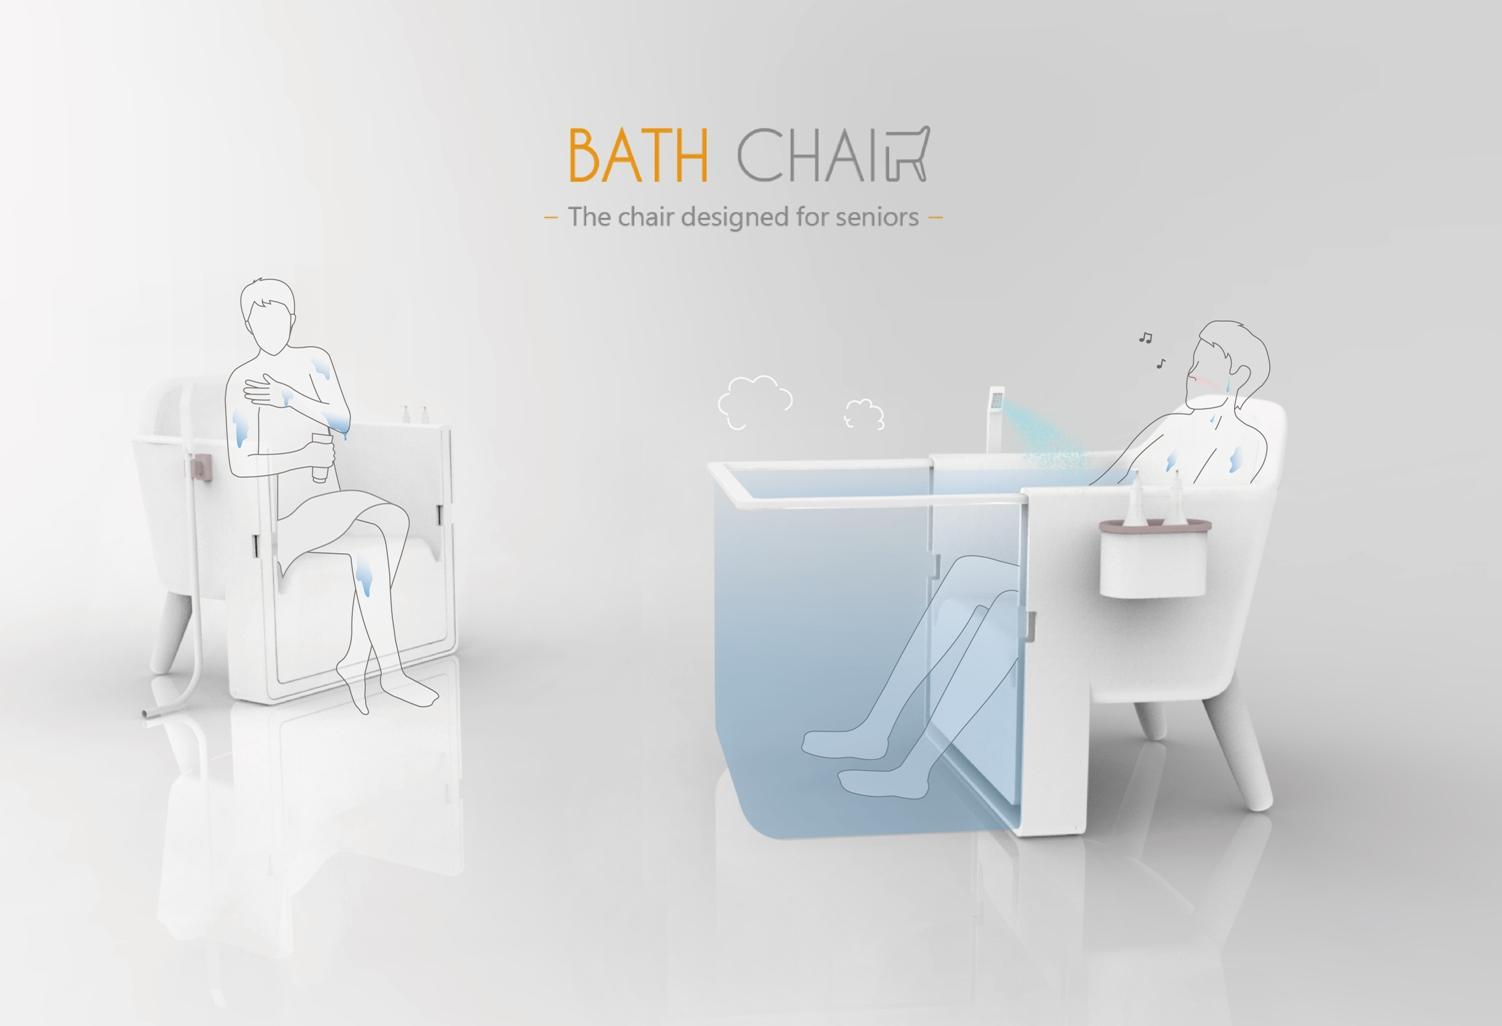 沐浴椅同時是浴缸  大葉大學工設系畢業生許姿屏、洪于涵 勇奪史丹福銀髮設計競賽全球大賽行動組第二名-大葉大學